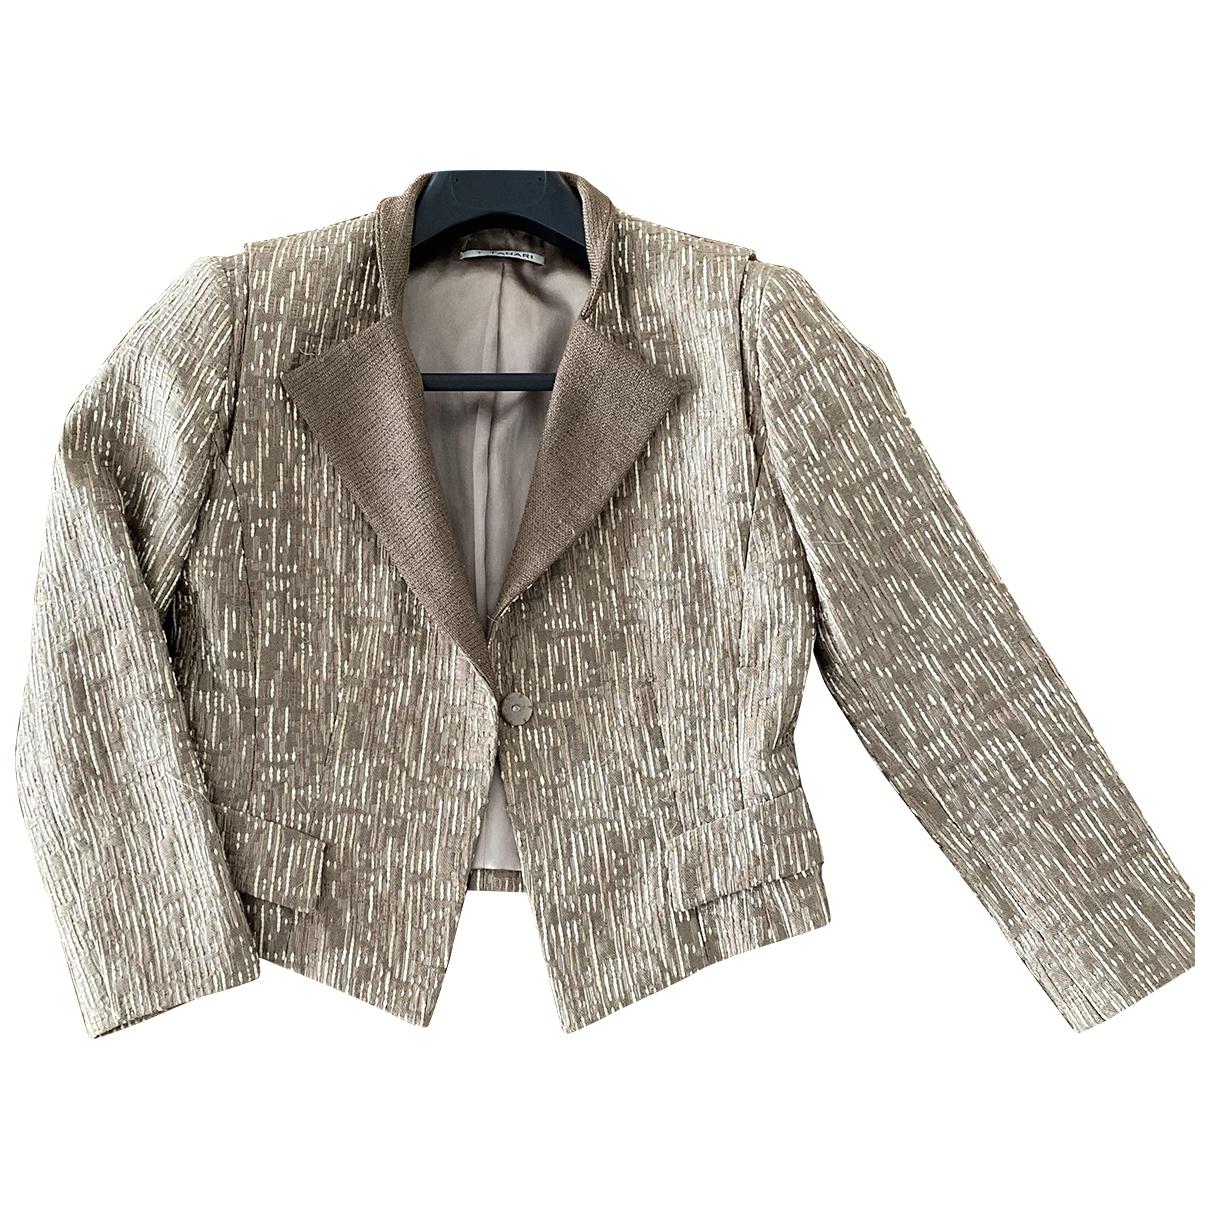 Elie Tahari \N Jacke in  Metallic Tweed